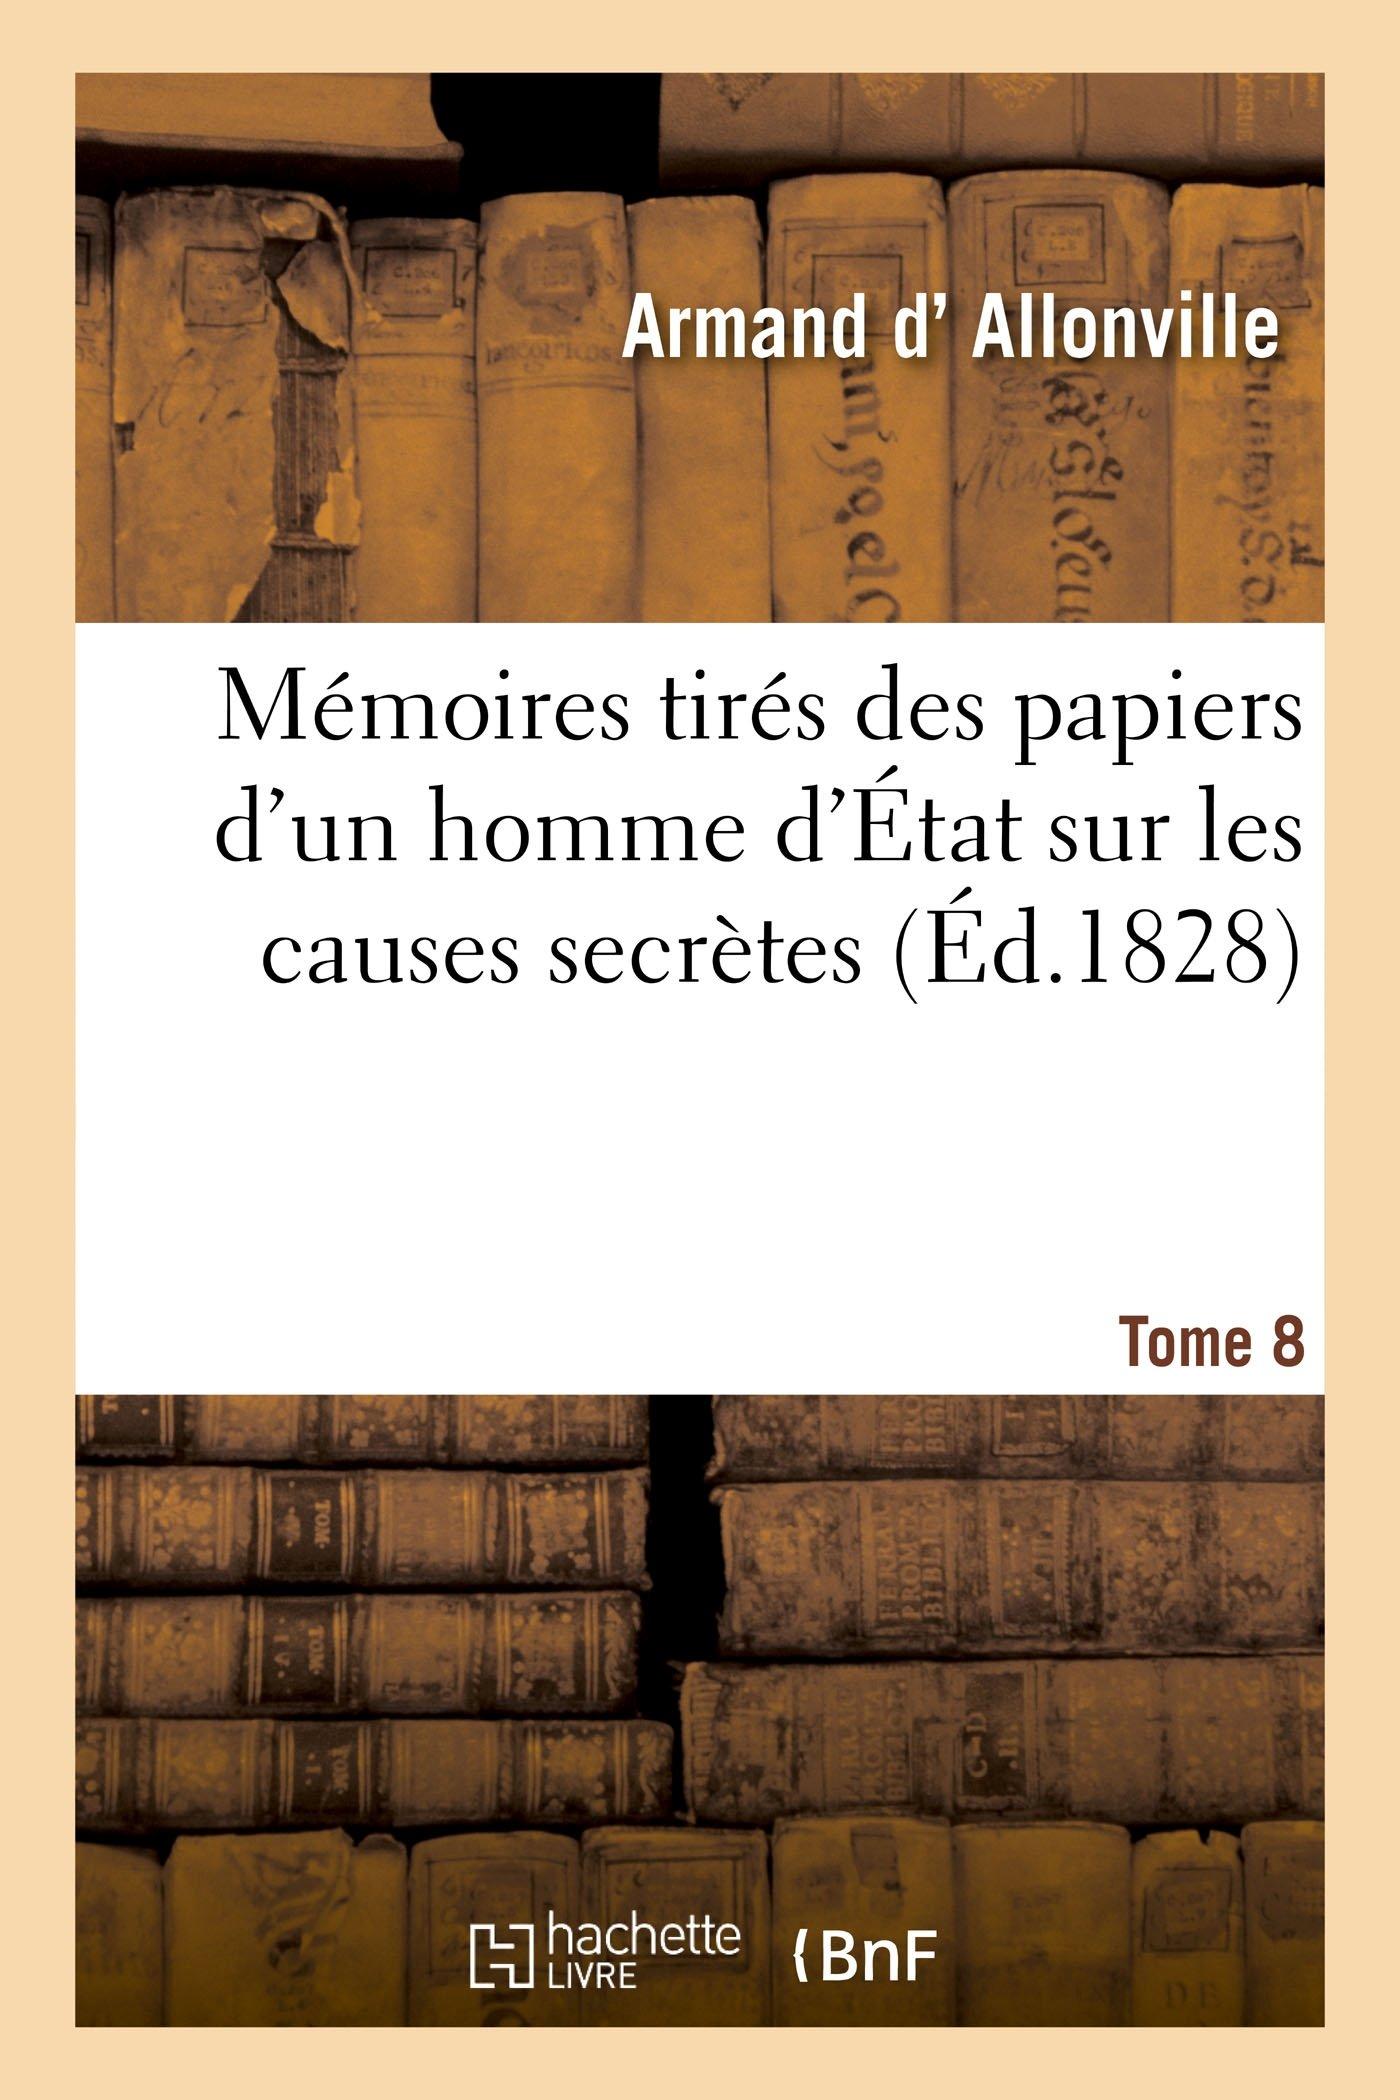 Mémoires tirés des papiers d'un homme d'État sur les causes secrètes Tome 8 (Histoire) (French Edition) pdf